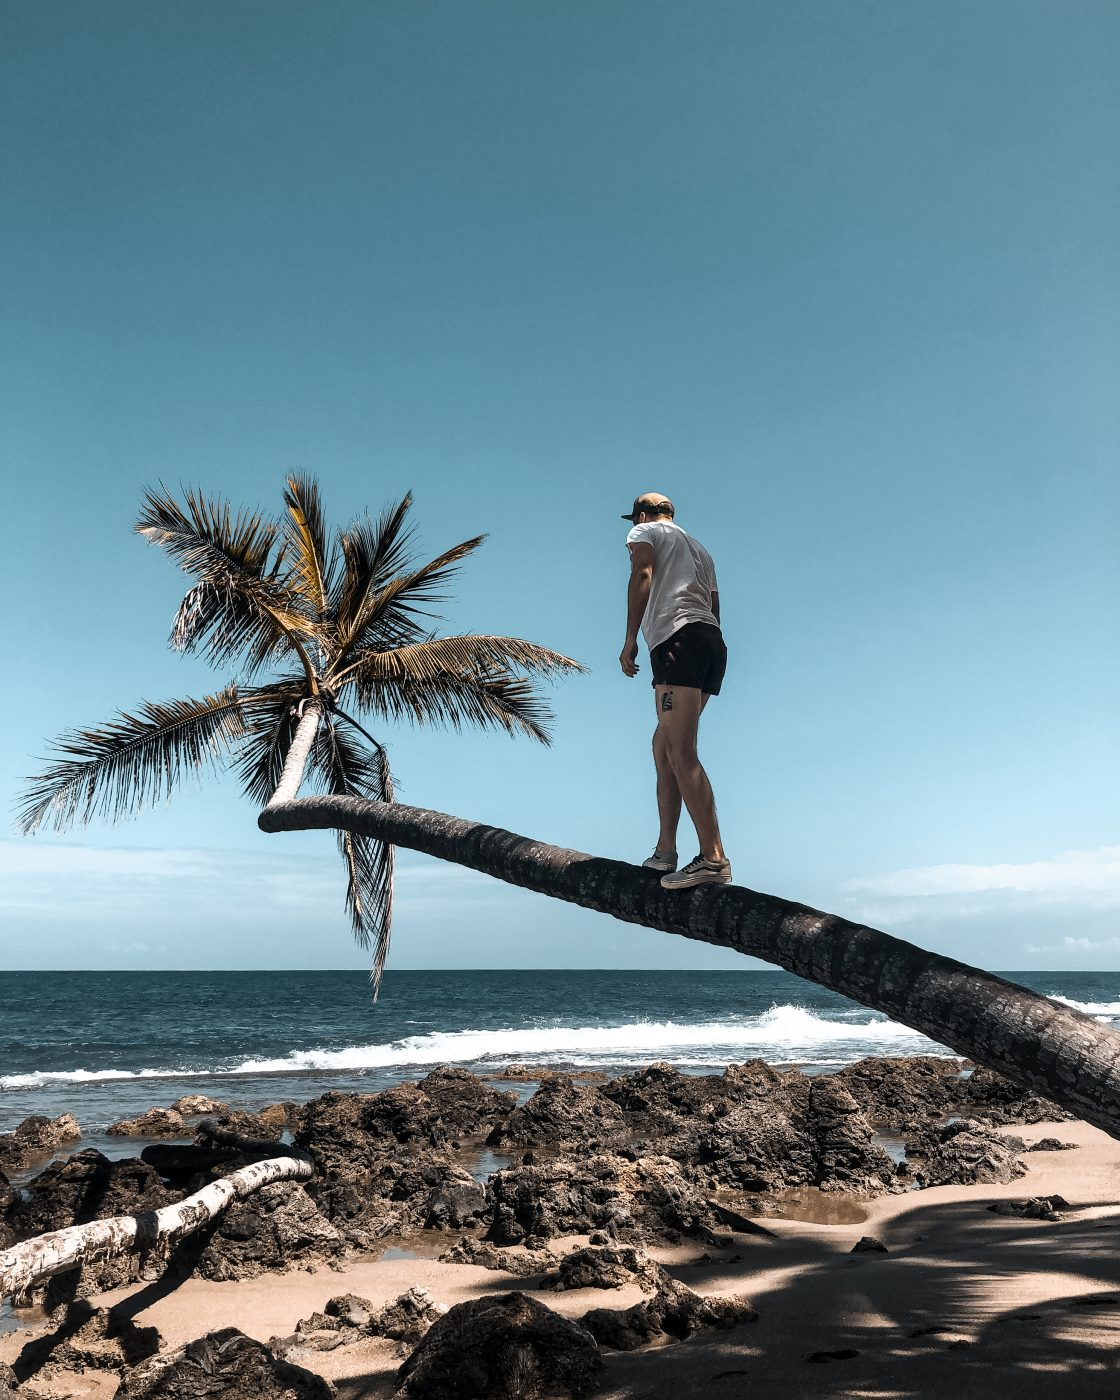 empty beach in Dominican Republic